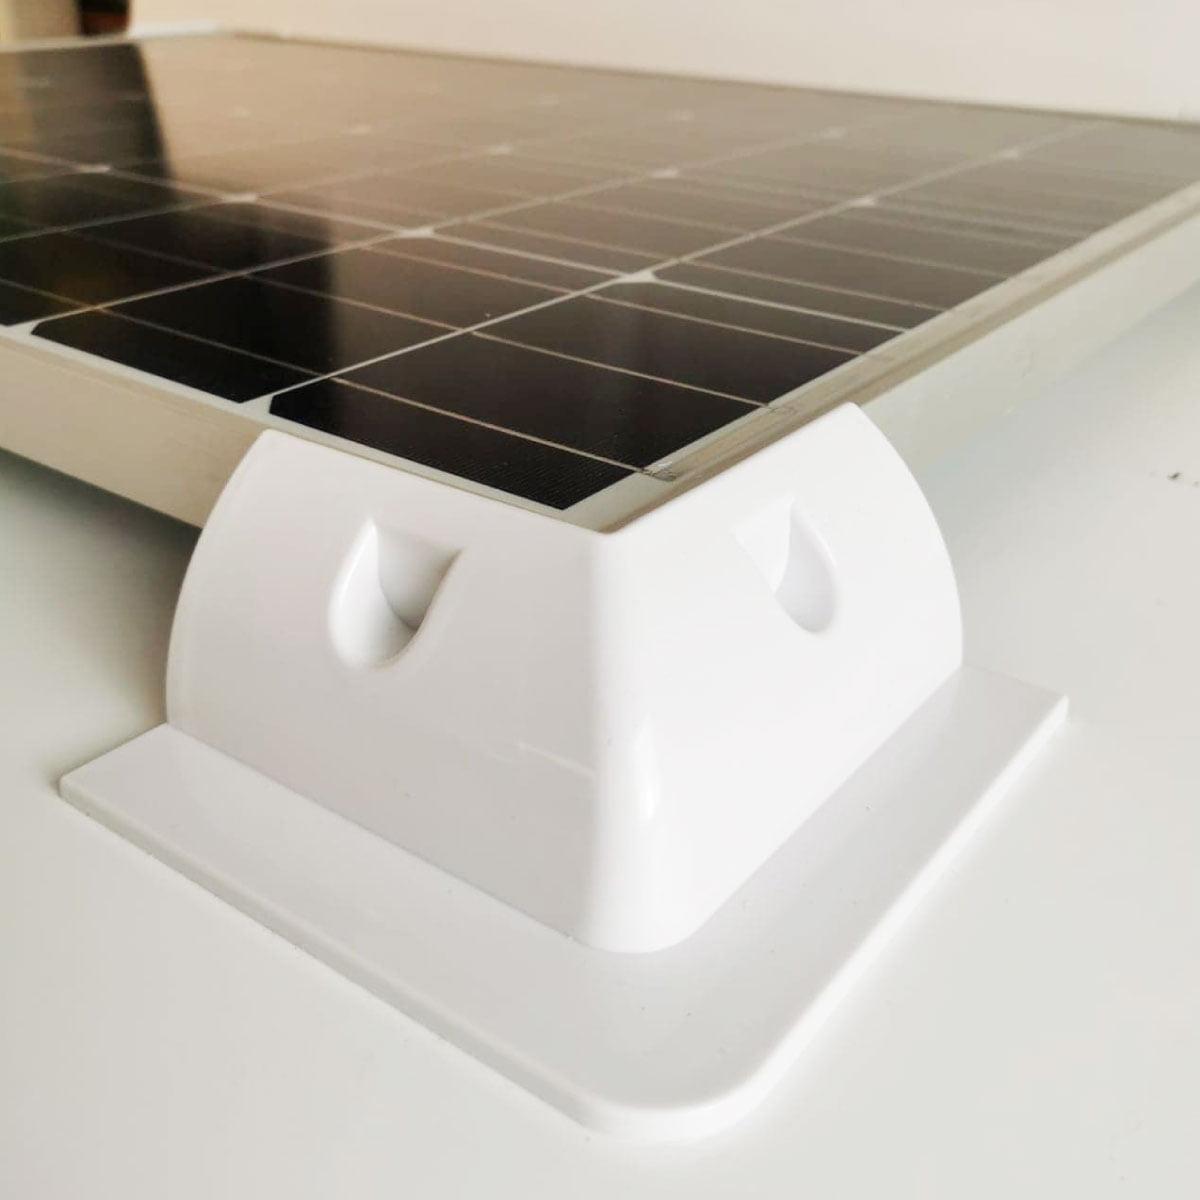 Standard-Fit-Solar-1200